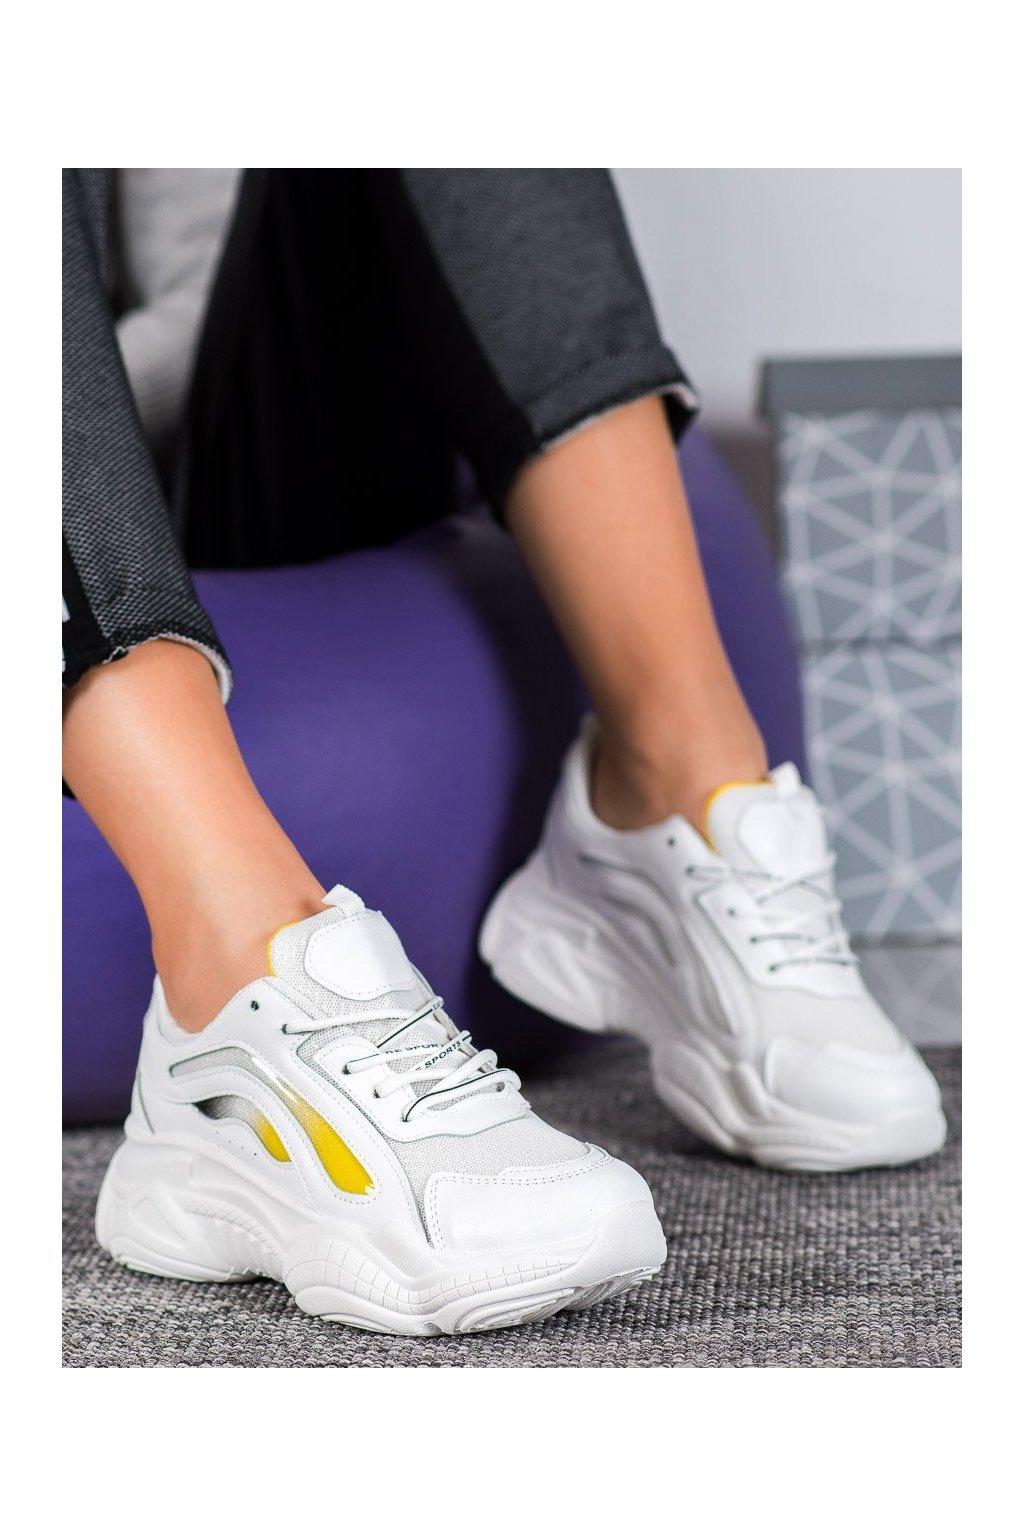 Biele tenisky Shelovet kod G-237Y